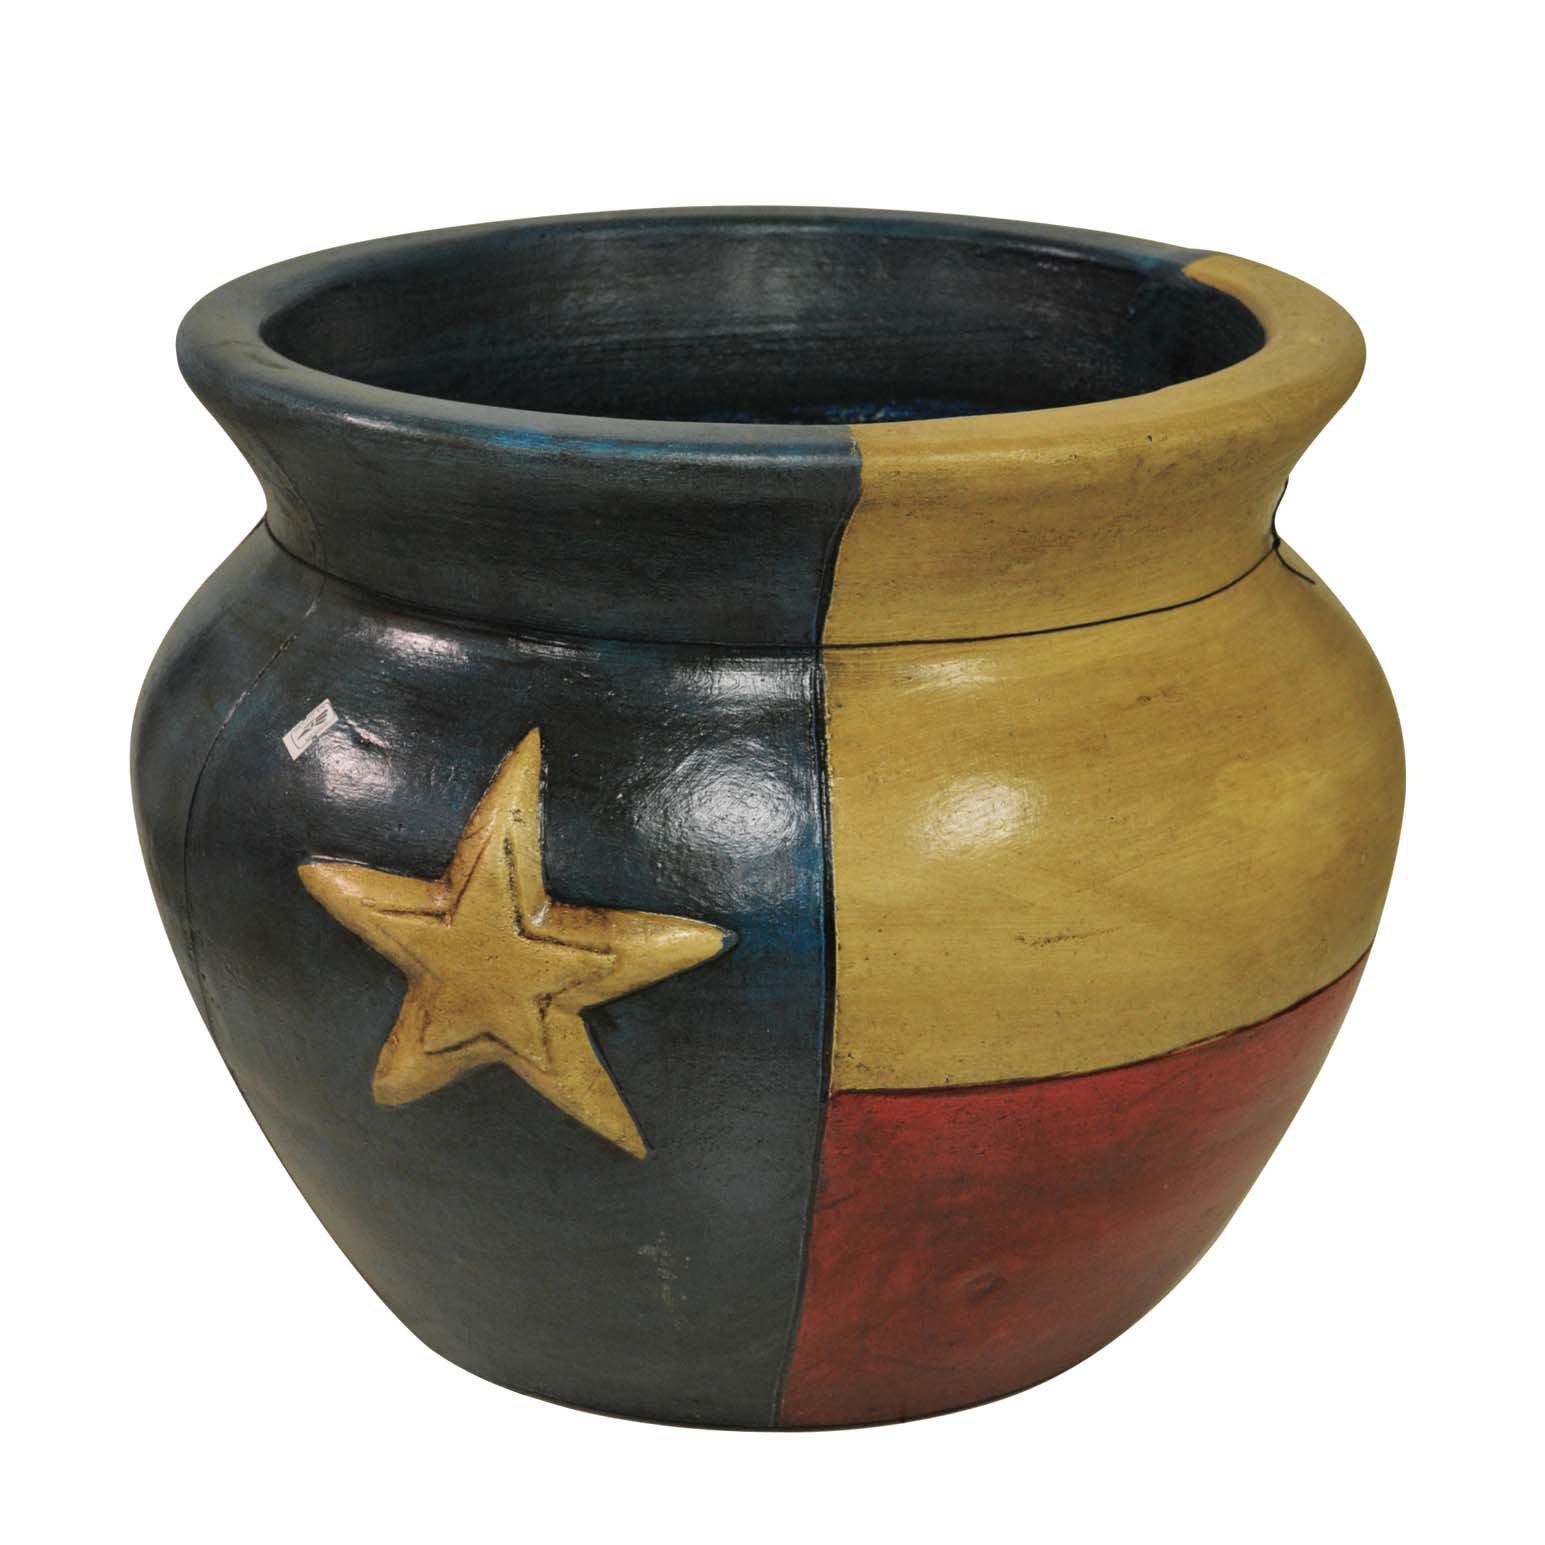 Pots & Planters ‑ Shop H‑E‑B Everyday Low Prices